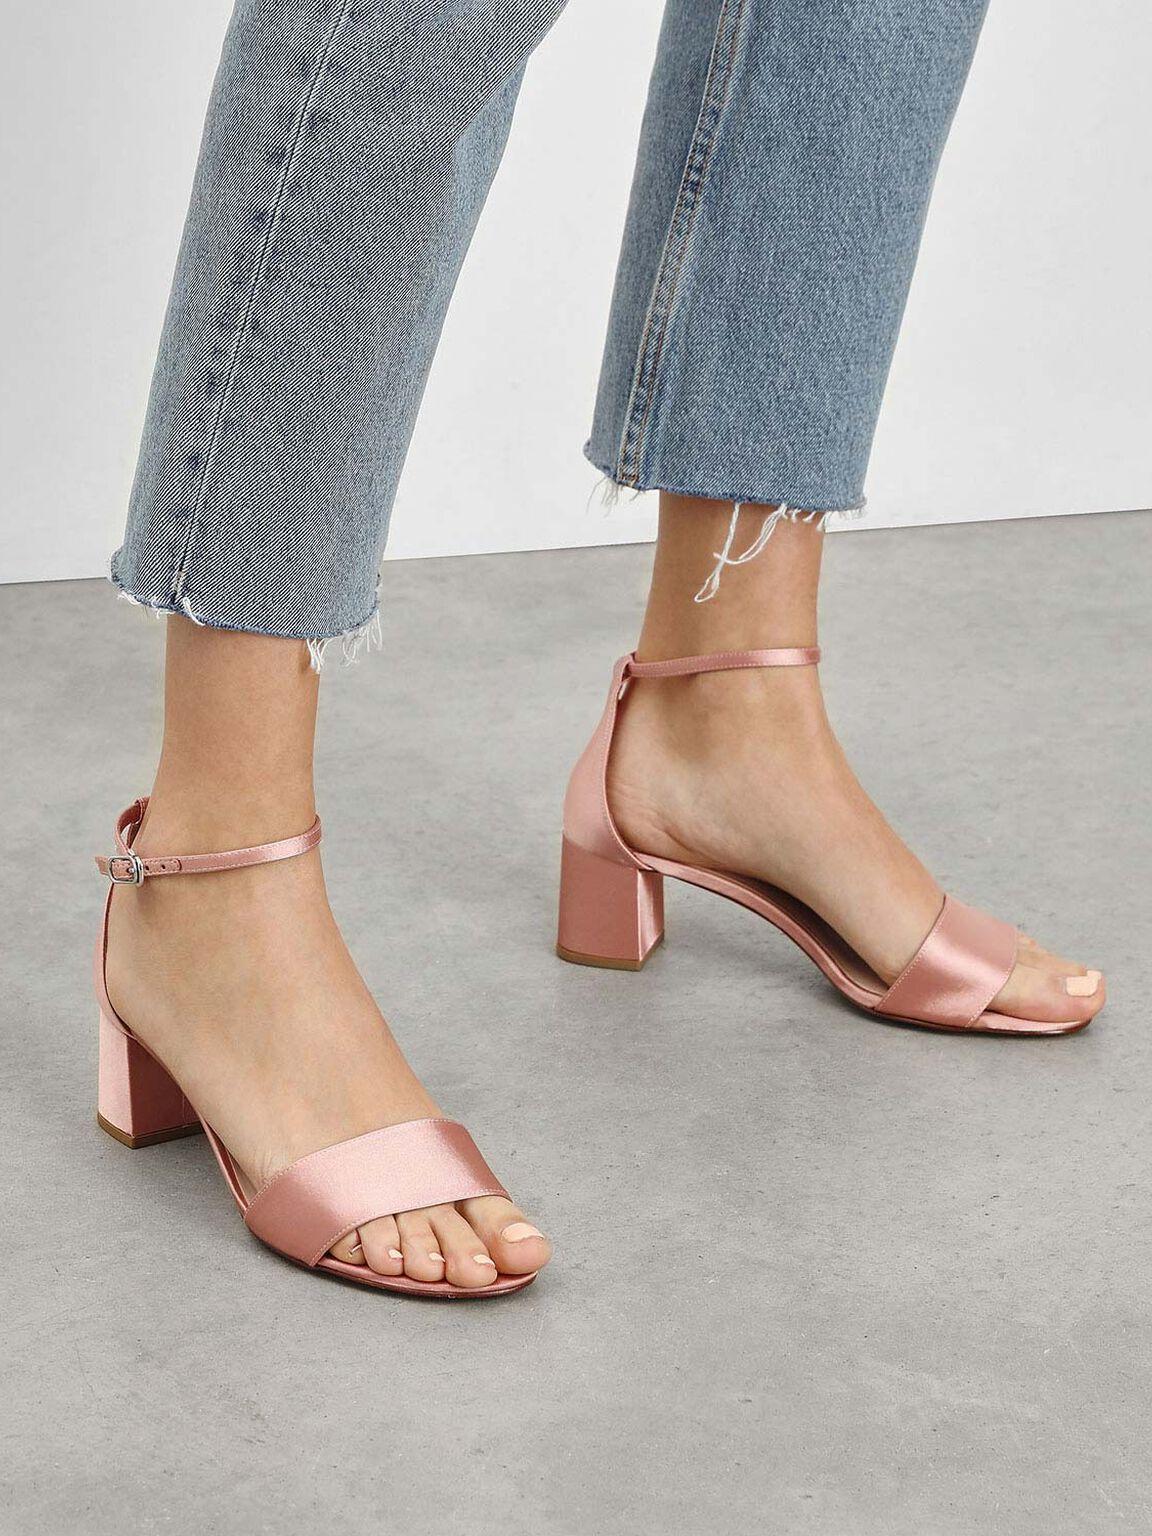 Satin Block Heel Sandals, Nude, hi-res